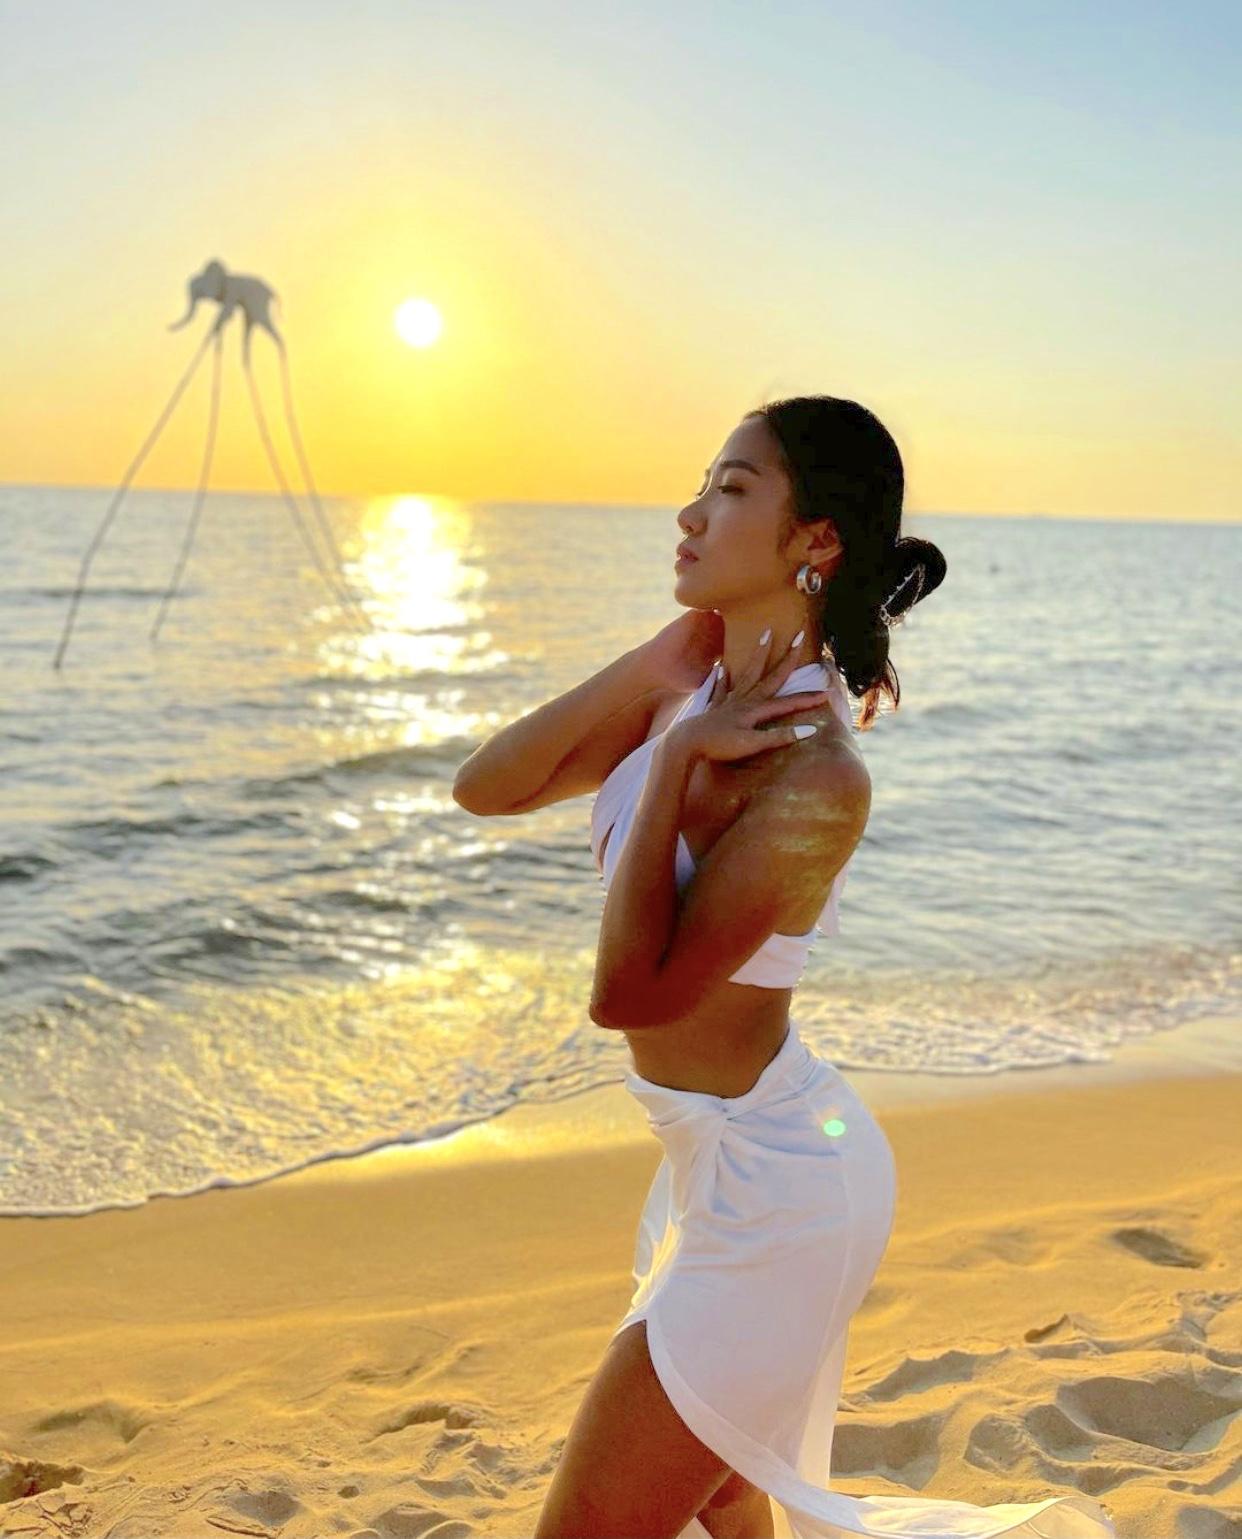 Du lich Phu Quoc anh 1  - img_6768 - Bãi biển nào dài nhất Phú Quốc?